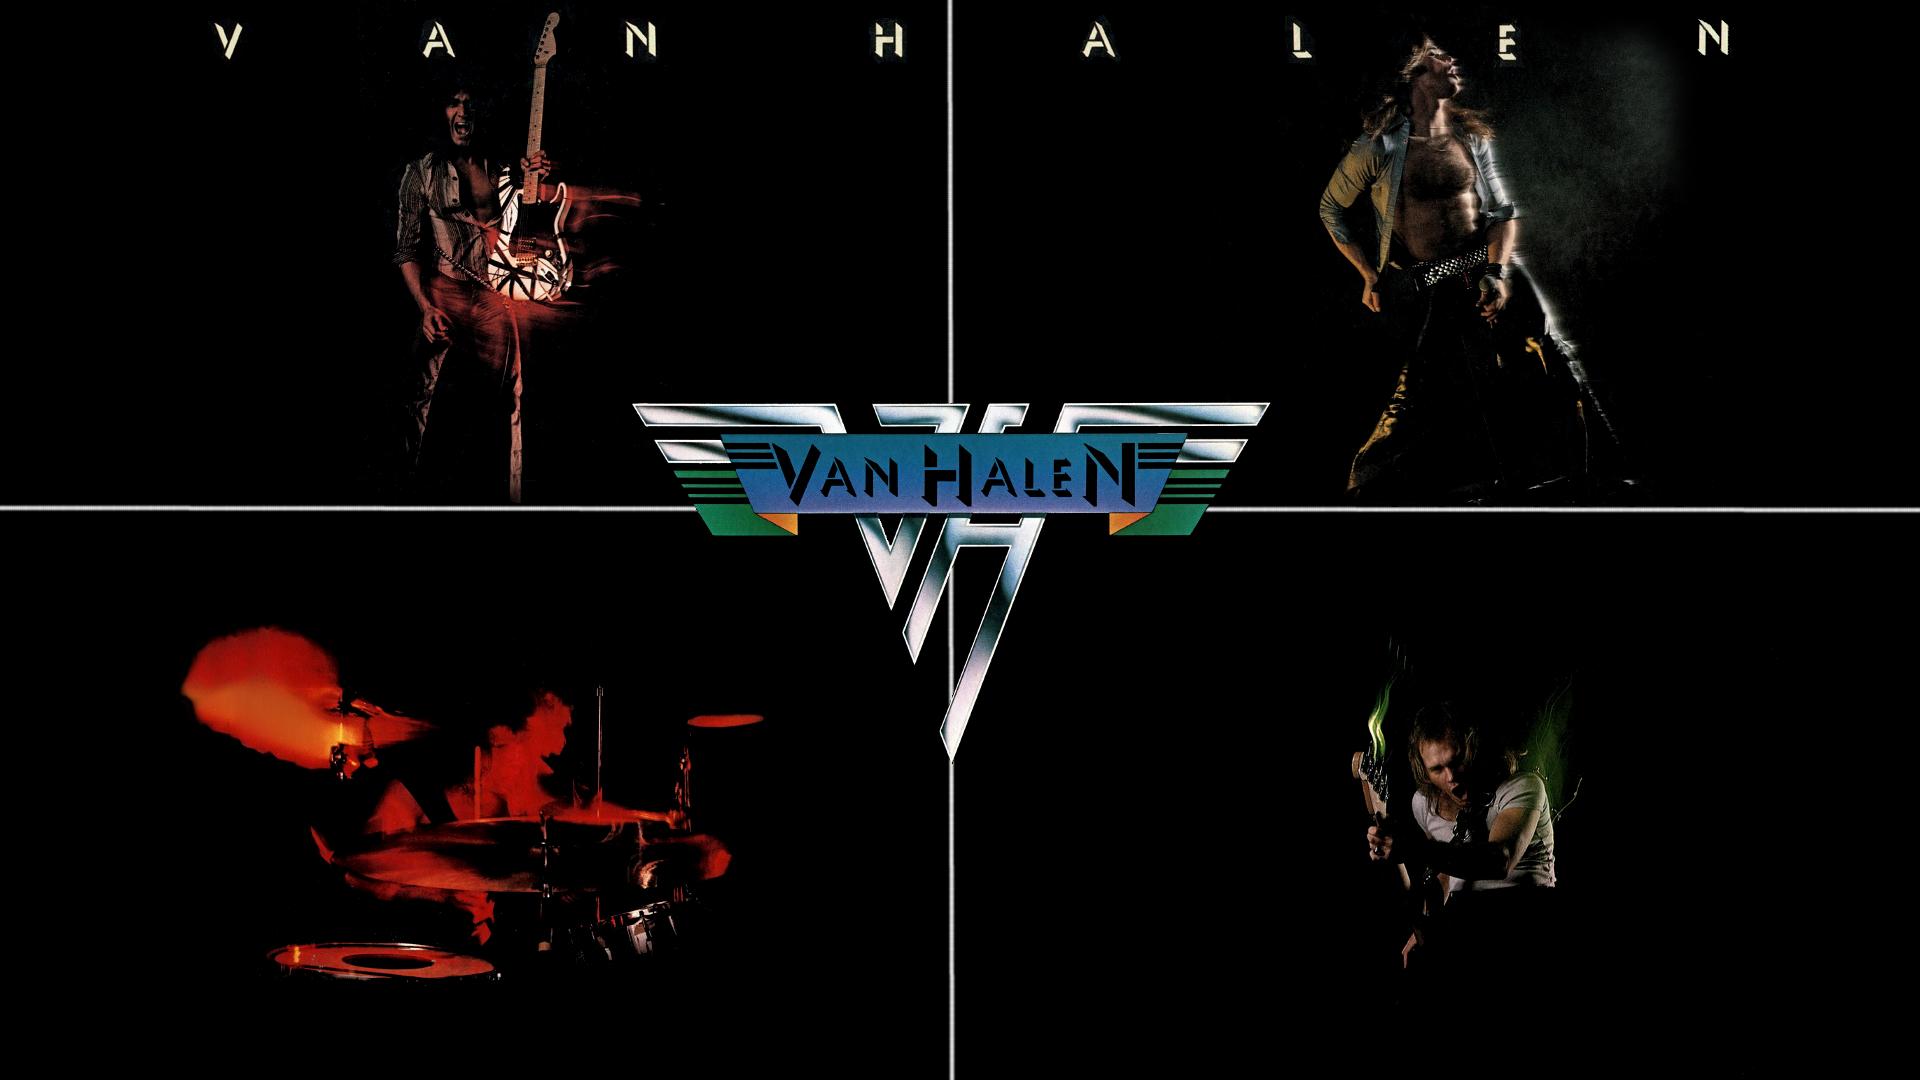 VAN HALEN heavy metal hard rock bands f wallpaper background 1920x1080